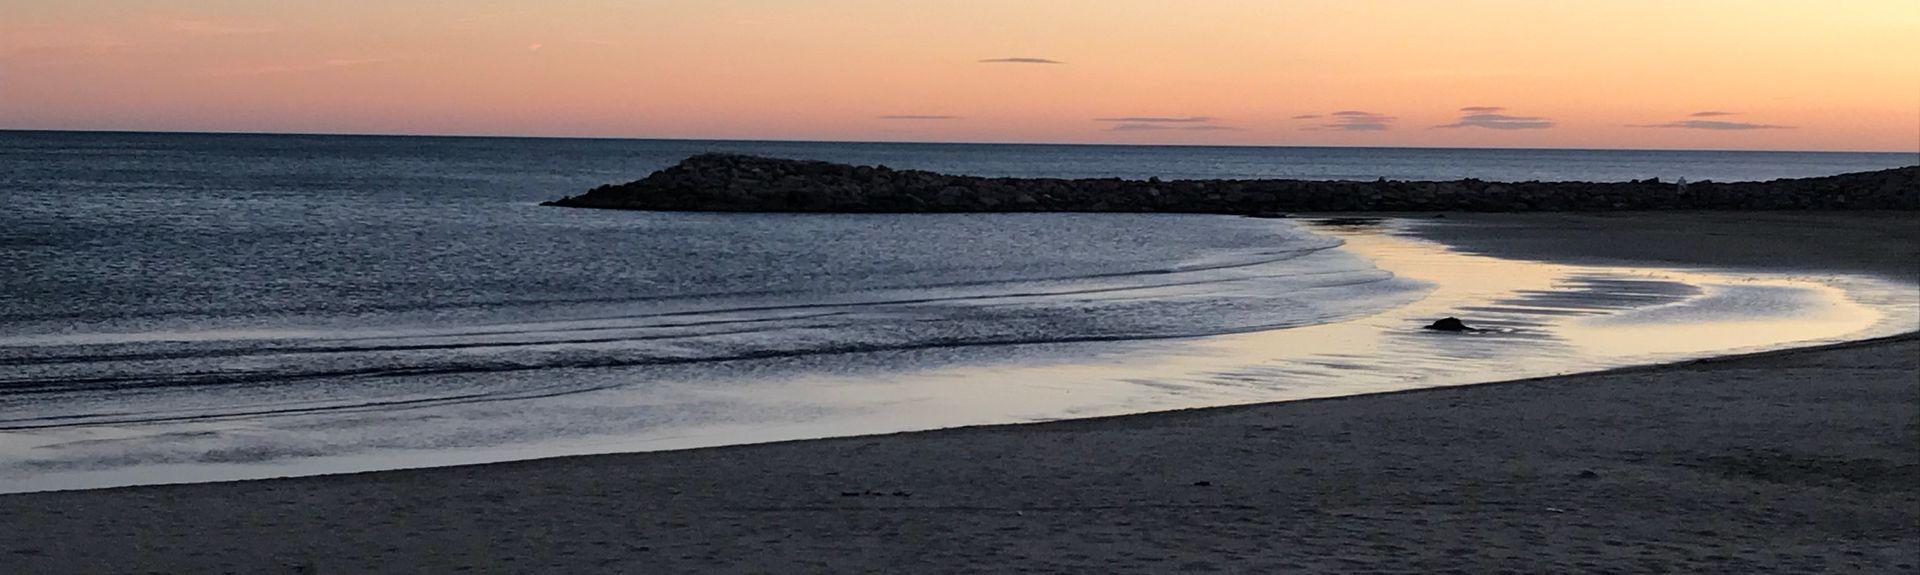 Espiguette Beach, Le Grau-Du-Roi, Gard, France